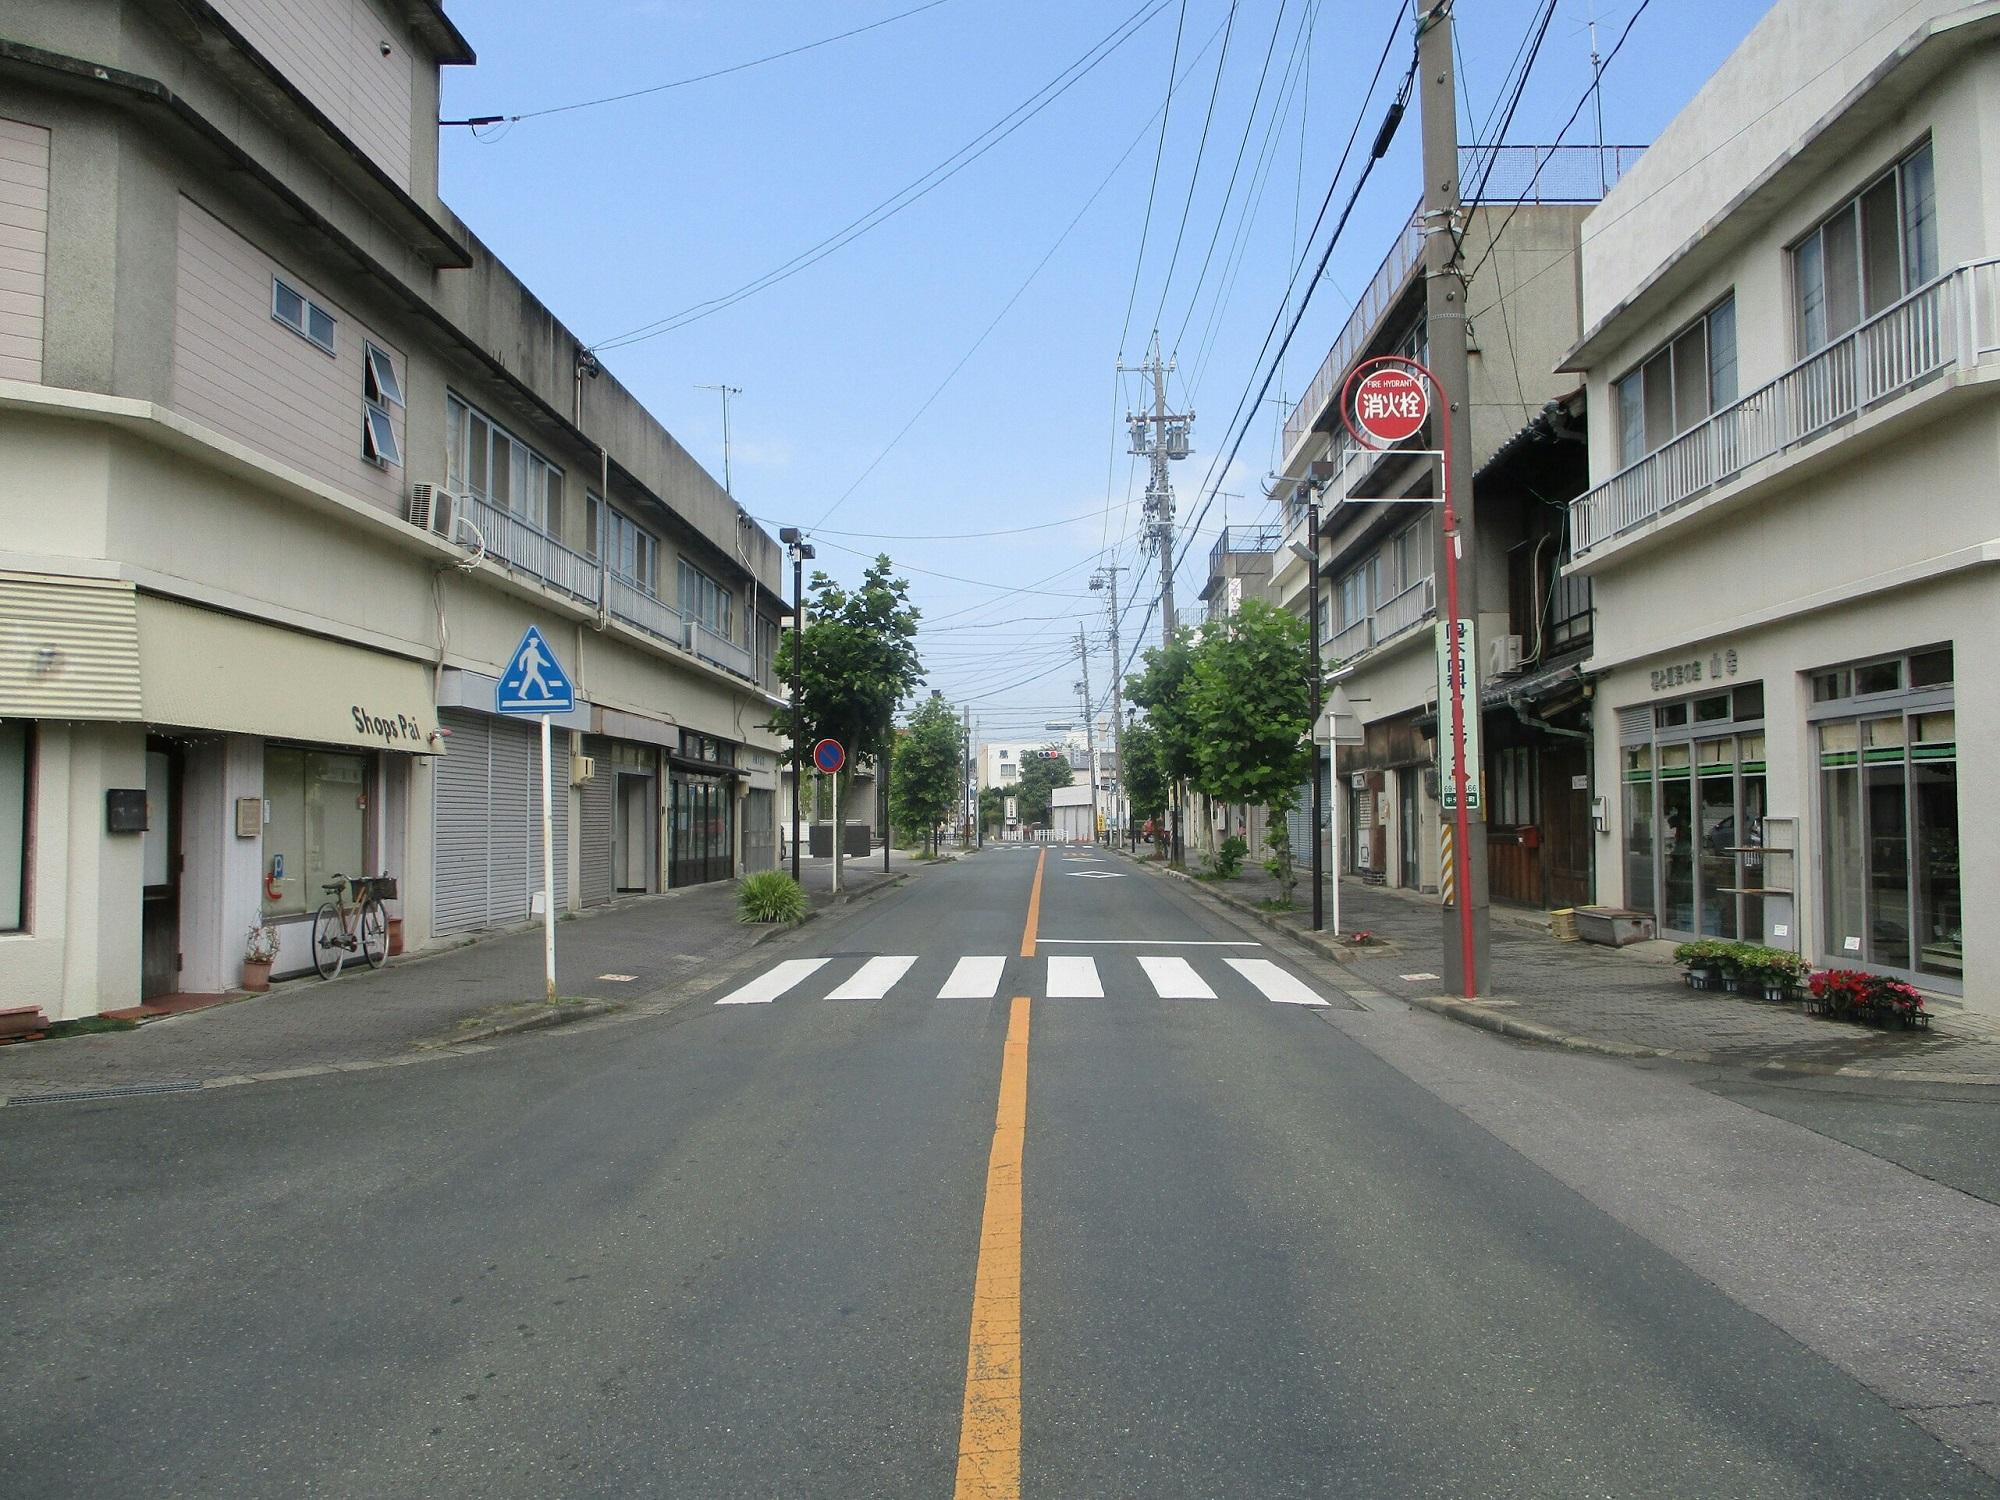 2019.6.24 (1001) 西町 - 銀座どおり中央からにしむき 2000-1500